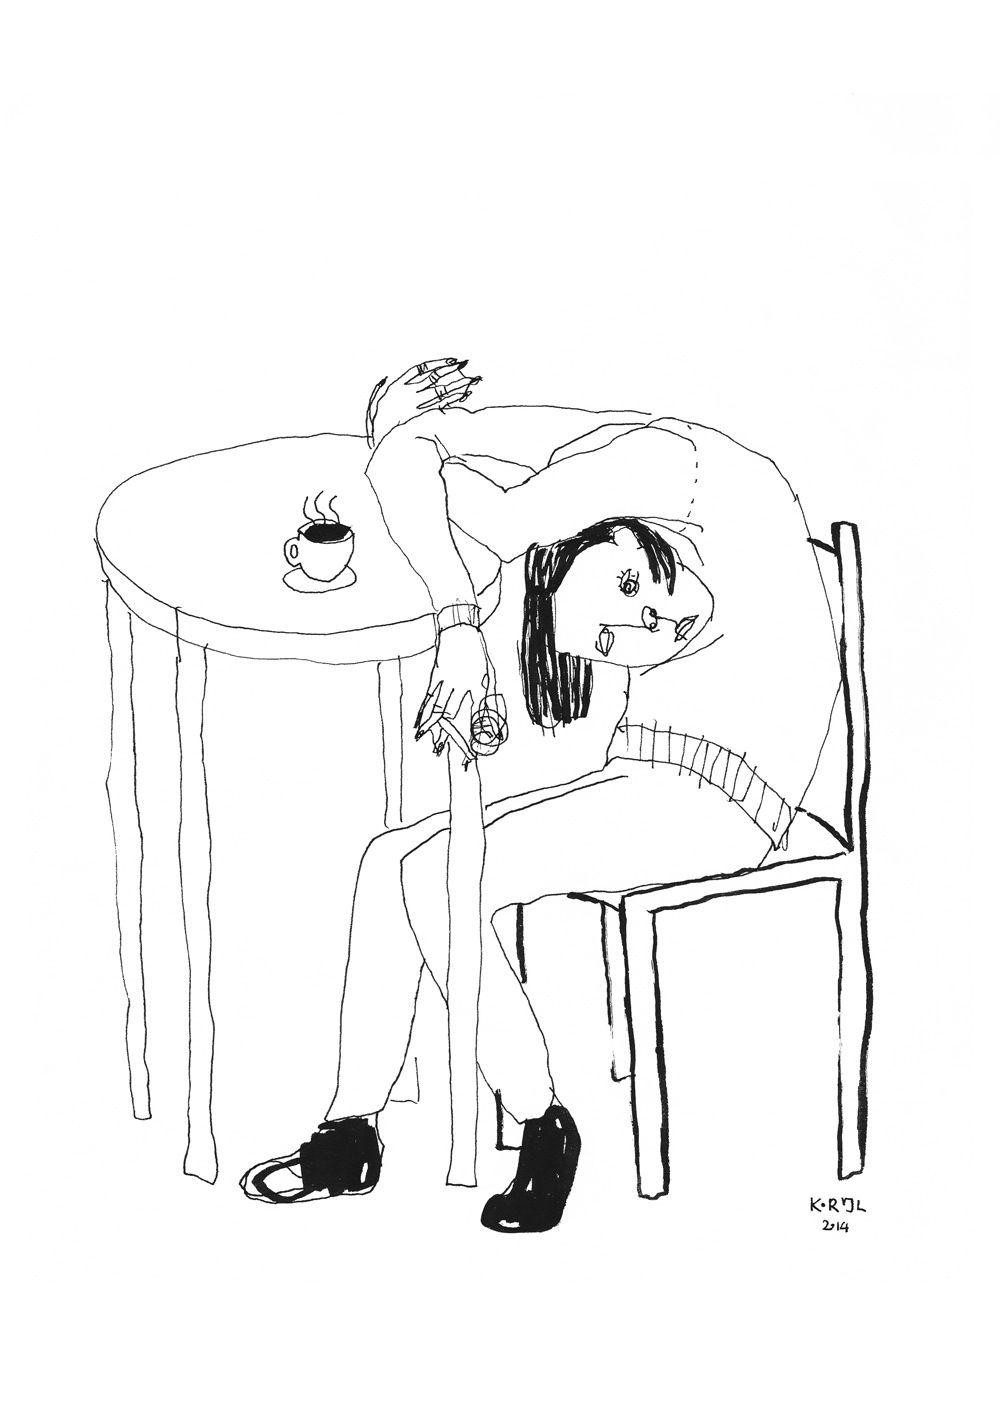 Sunday Feeling by Karolina Koryl